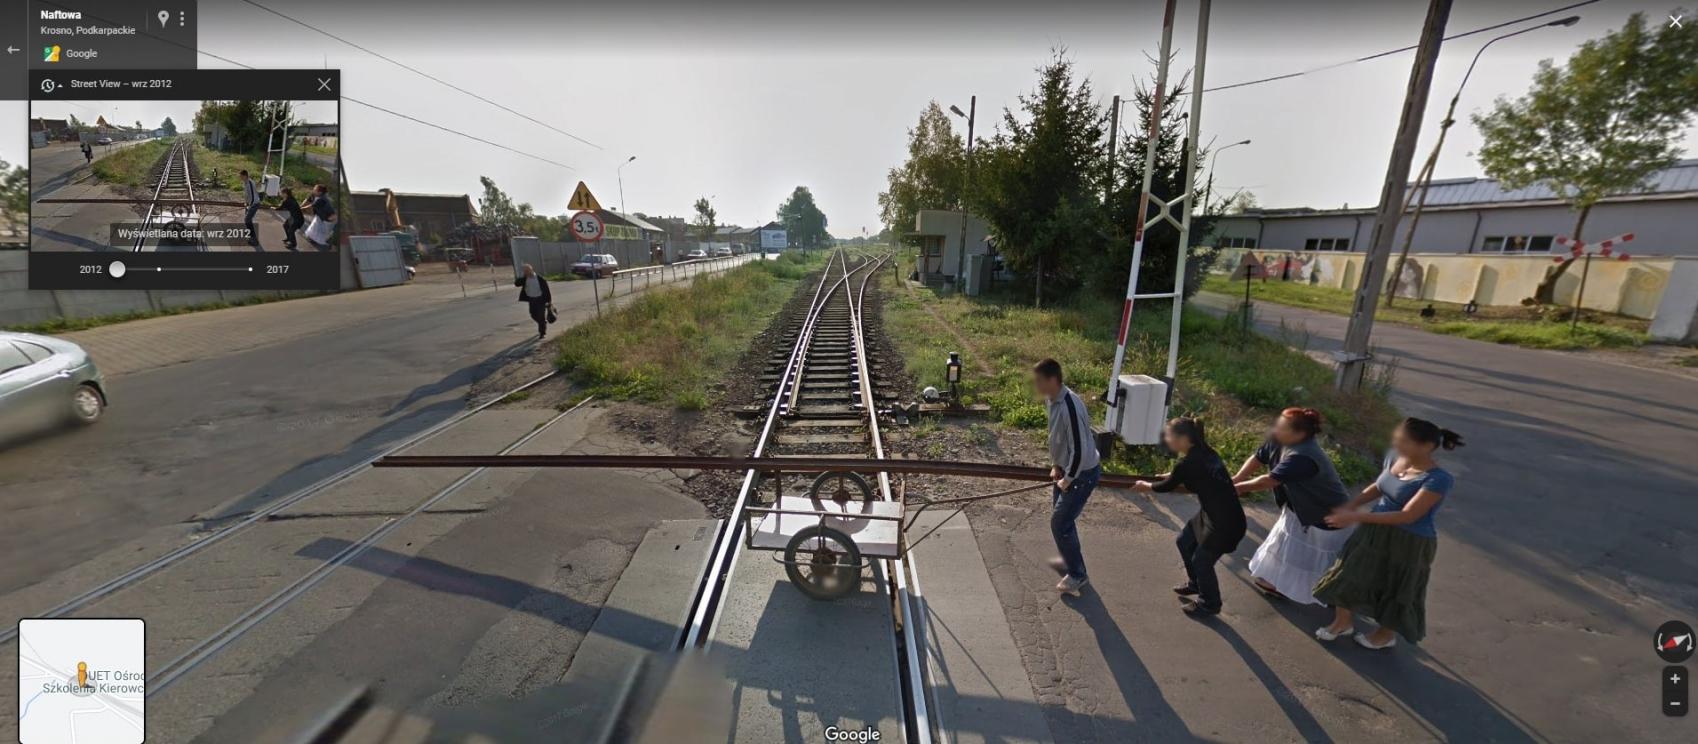 Przyłapani przez Google Street View na Podkarpaciu [ZDJĘCIA] - Zdjęcie główne